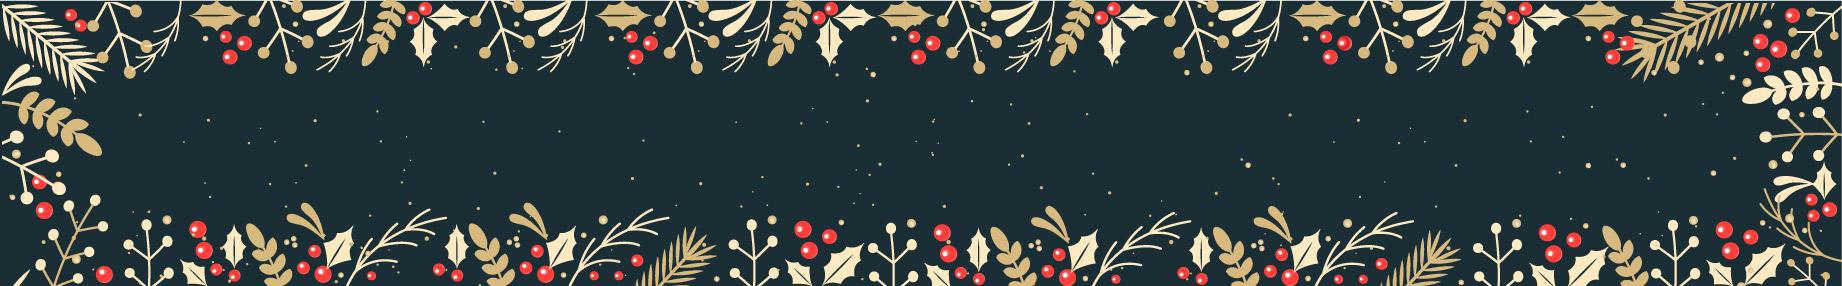 holiday-gifts-header-3b.jpg